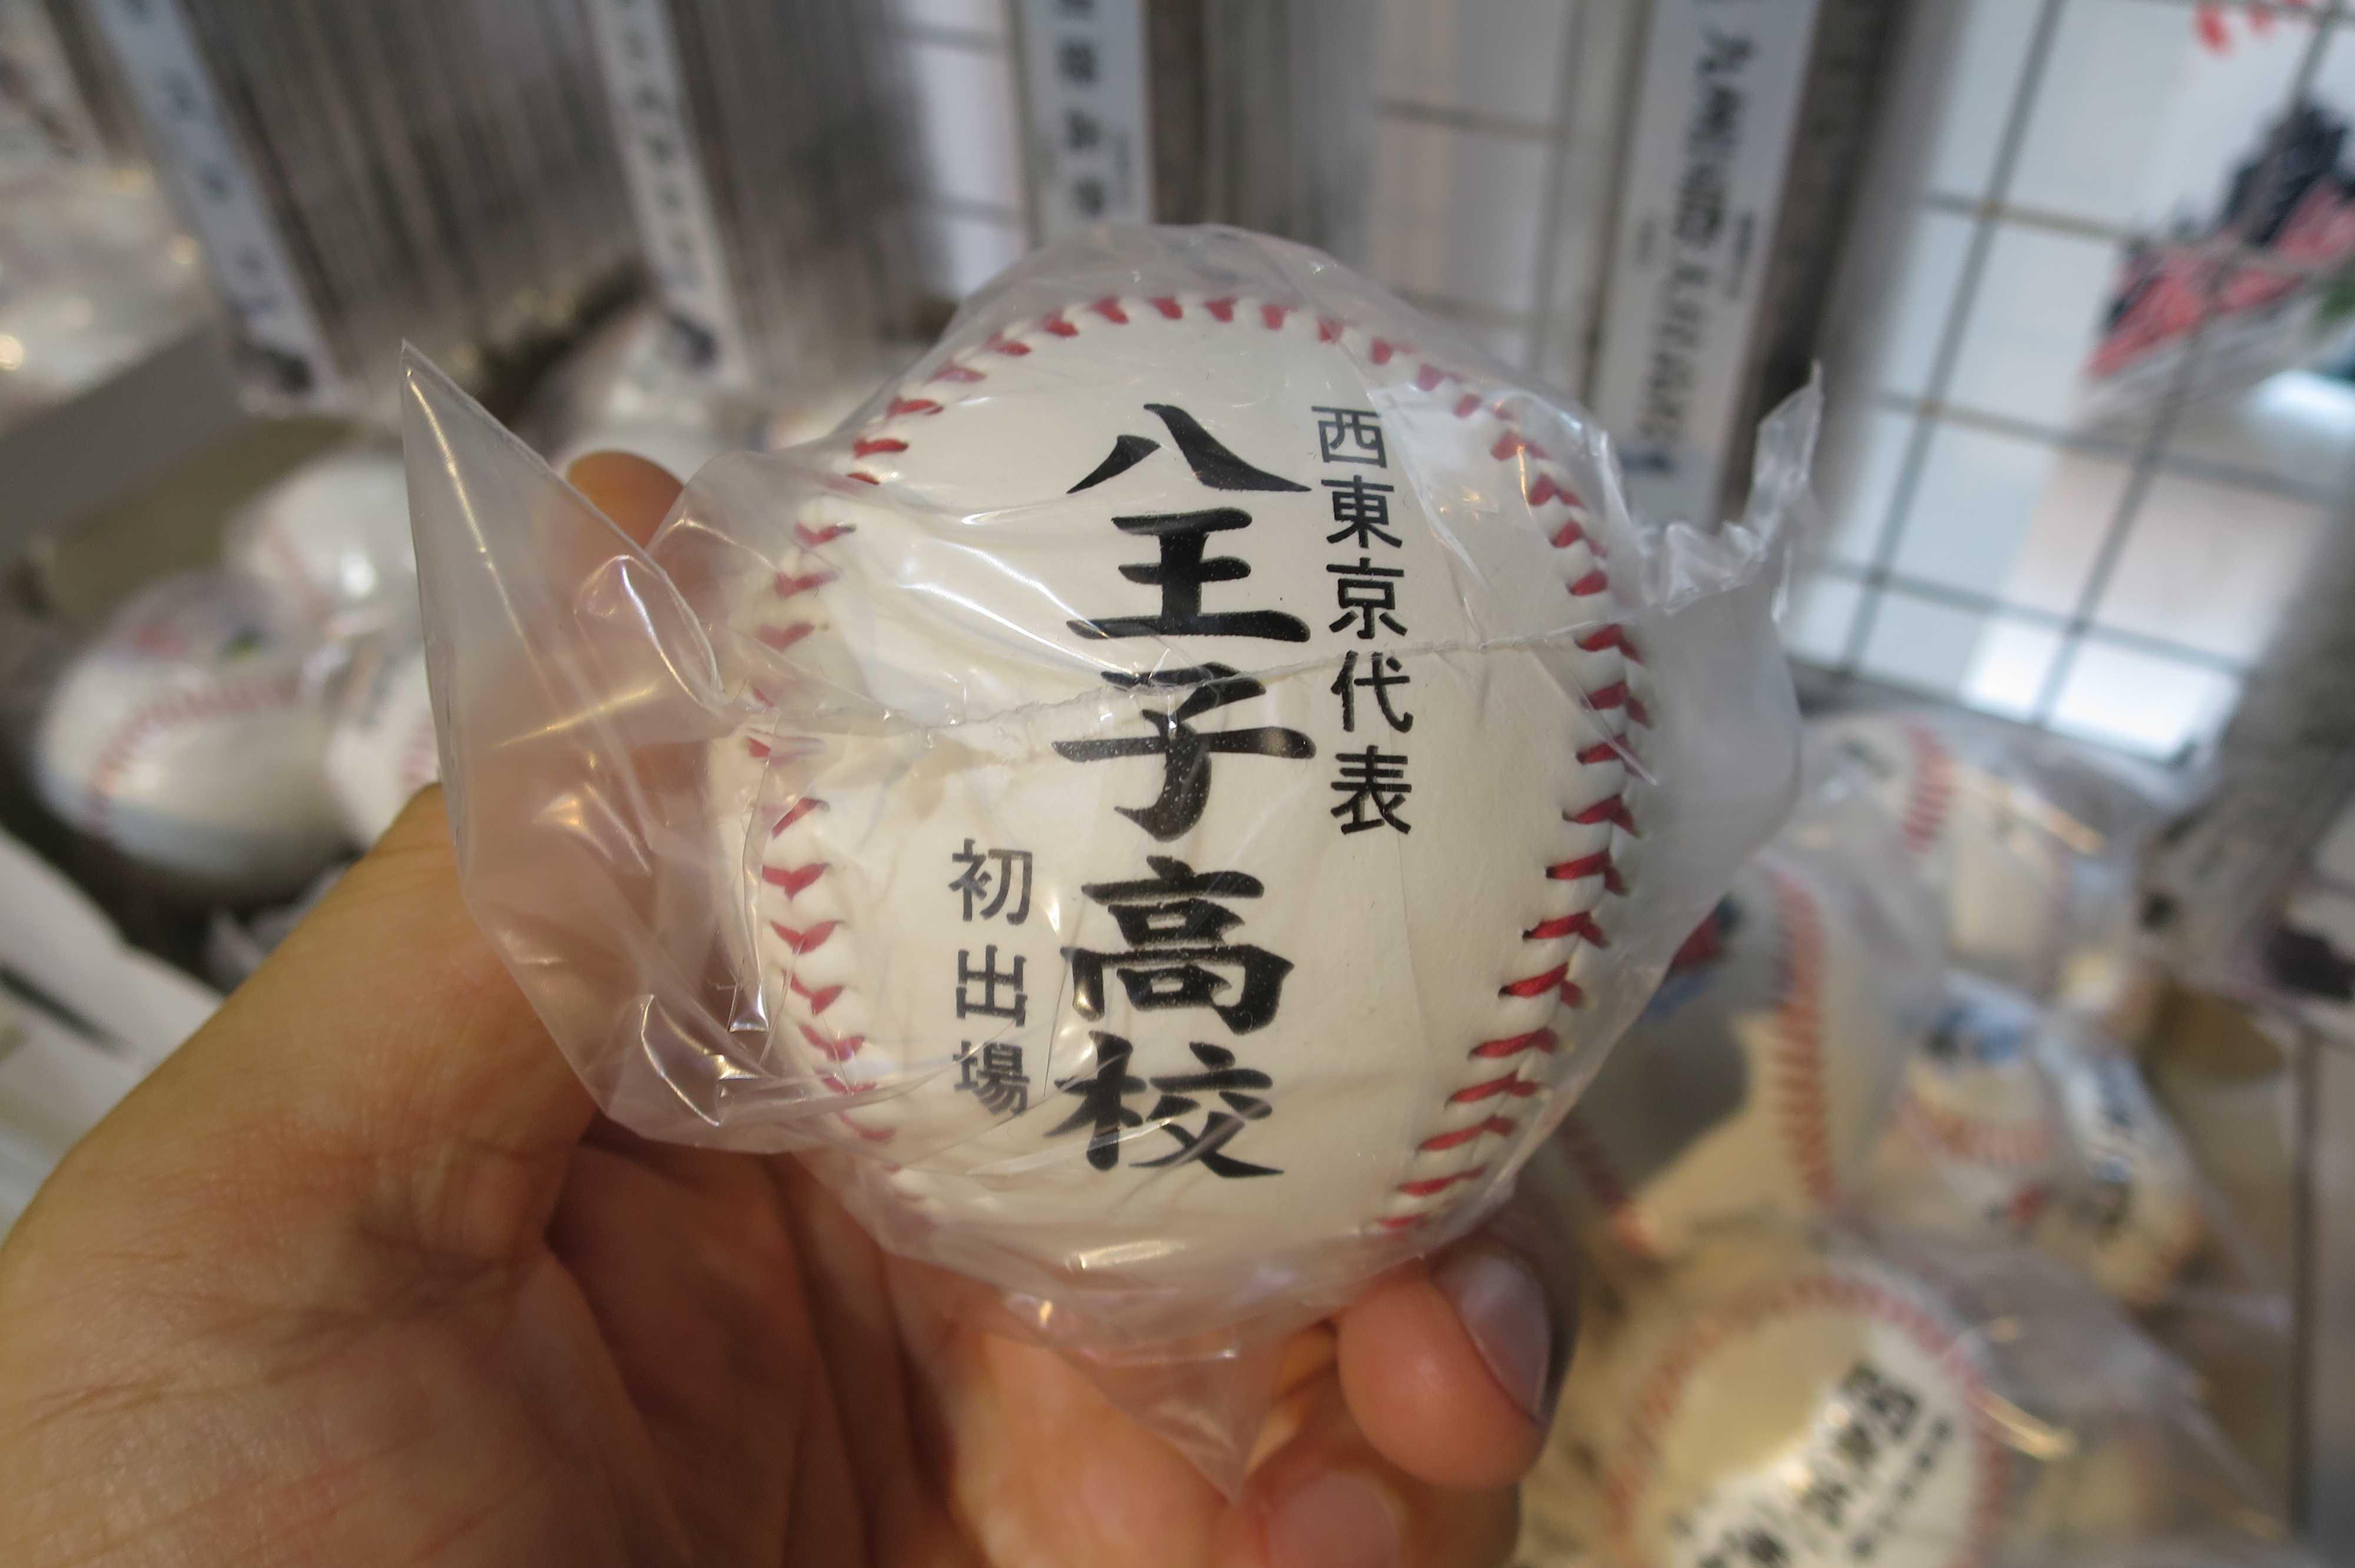 出場校名グッズ: 記念校名ボール 西東京代表 八王子高校 初出場